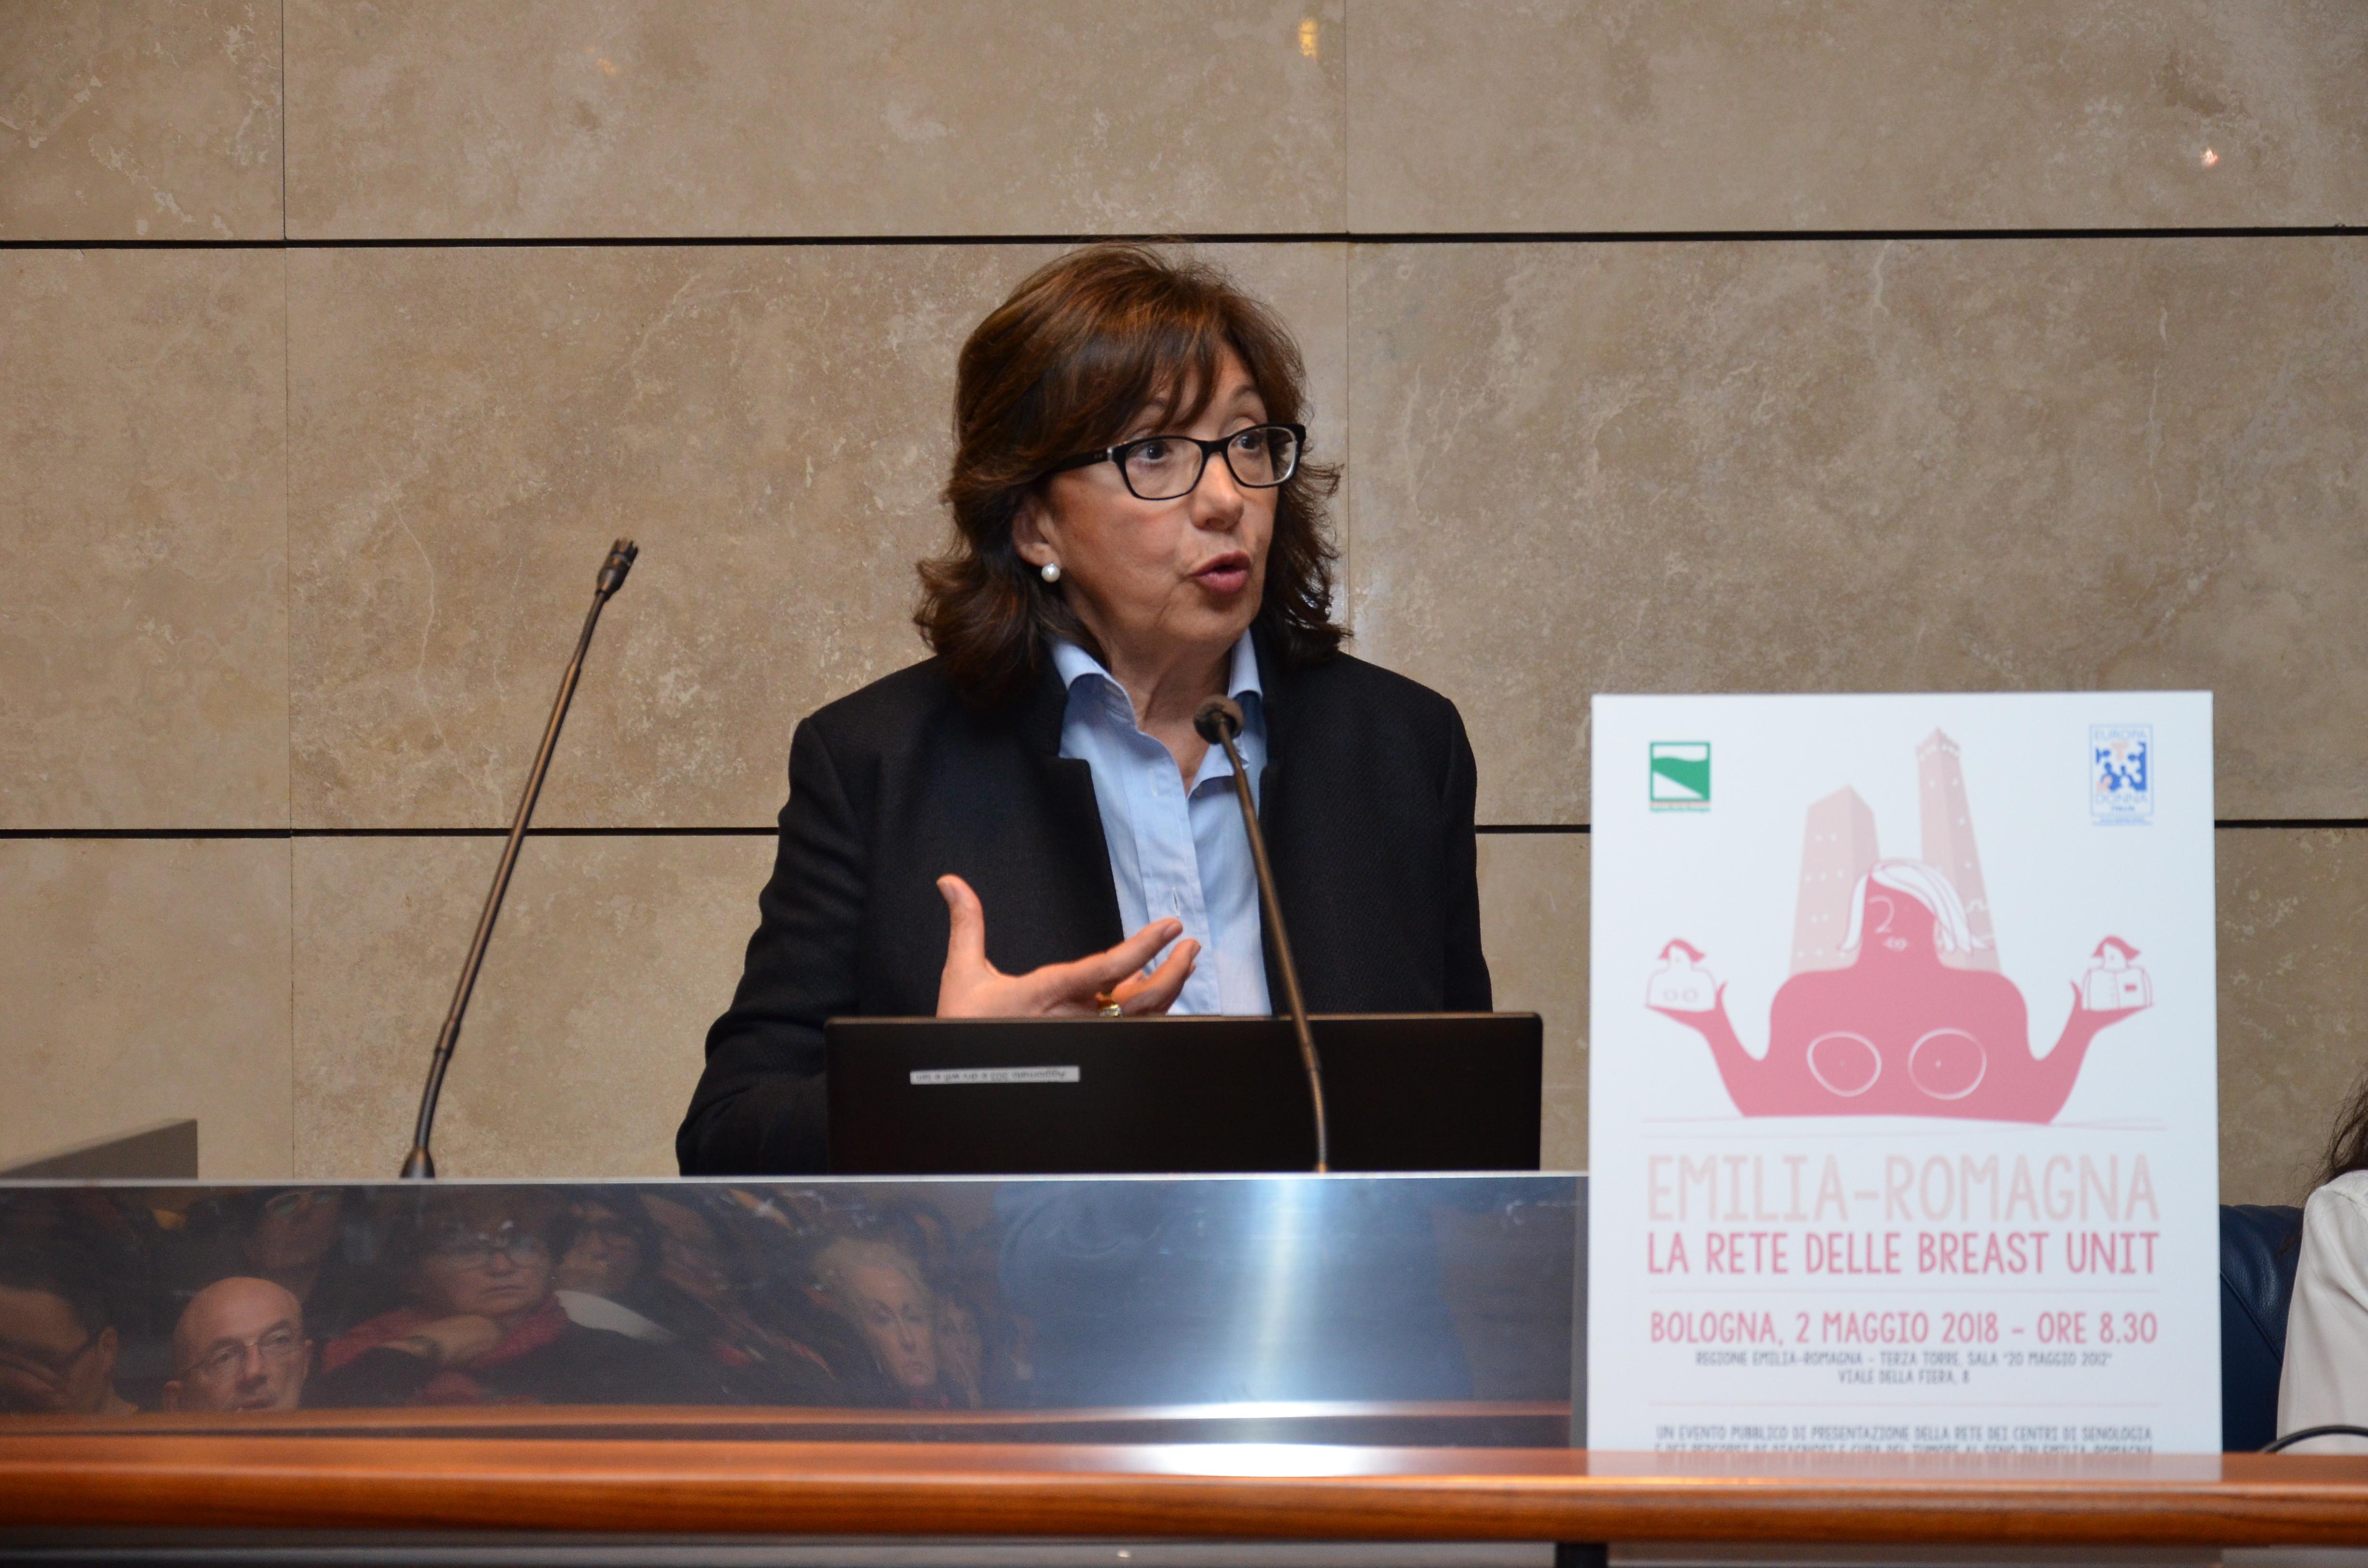 europa-donna-italia-tumore-al-seno-emilia-romagna-de palma